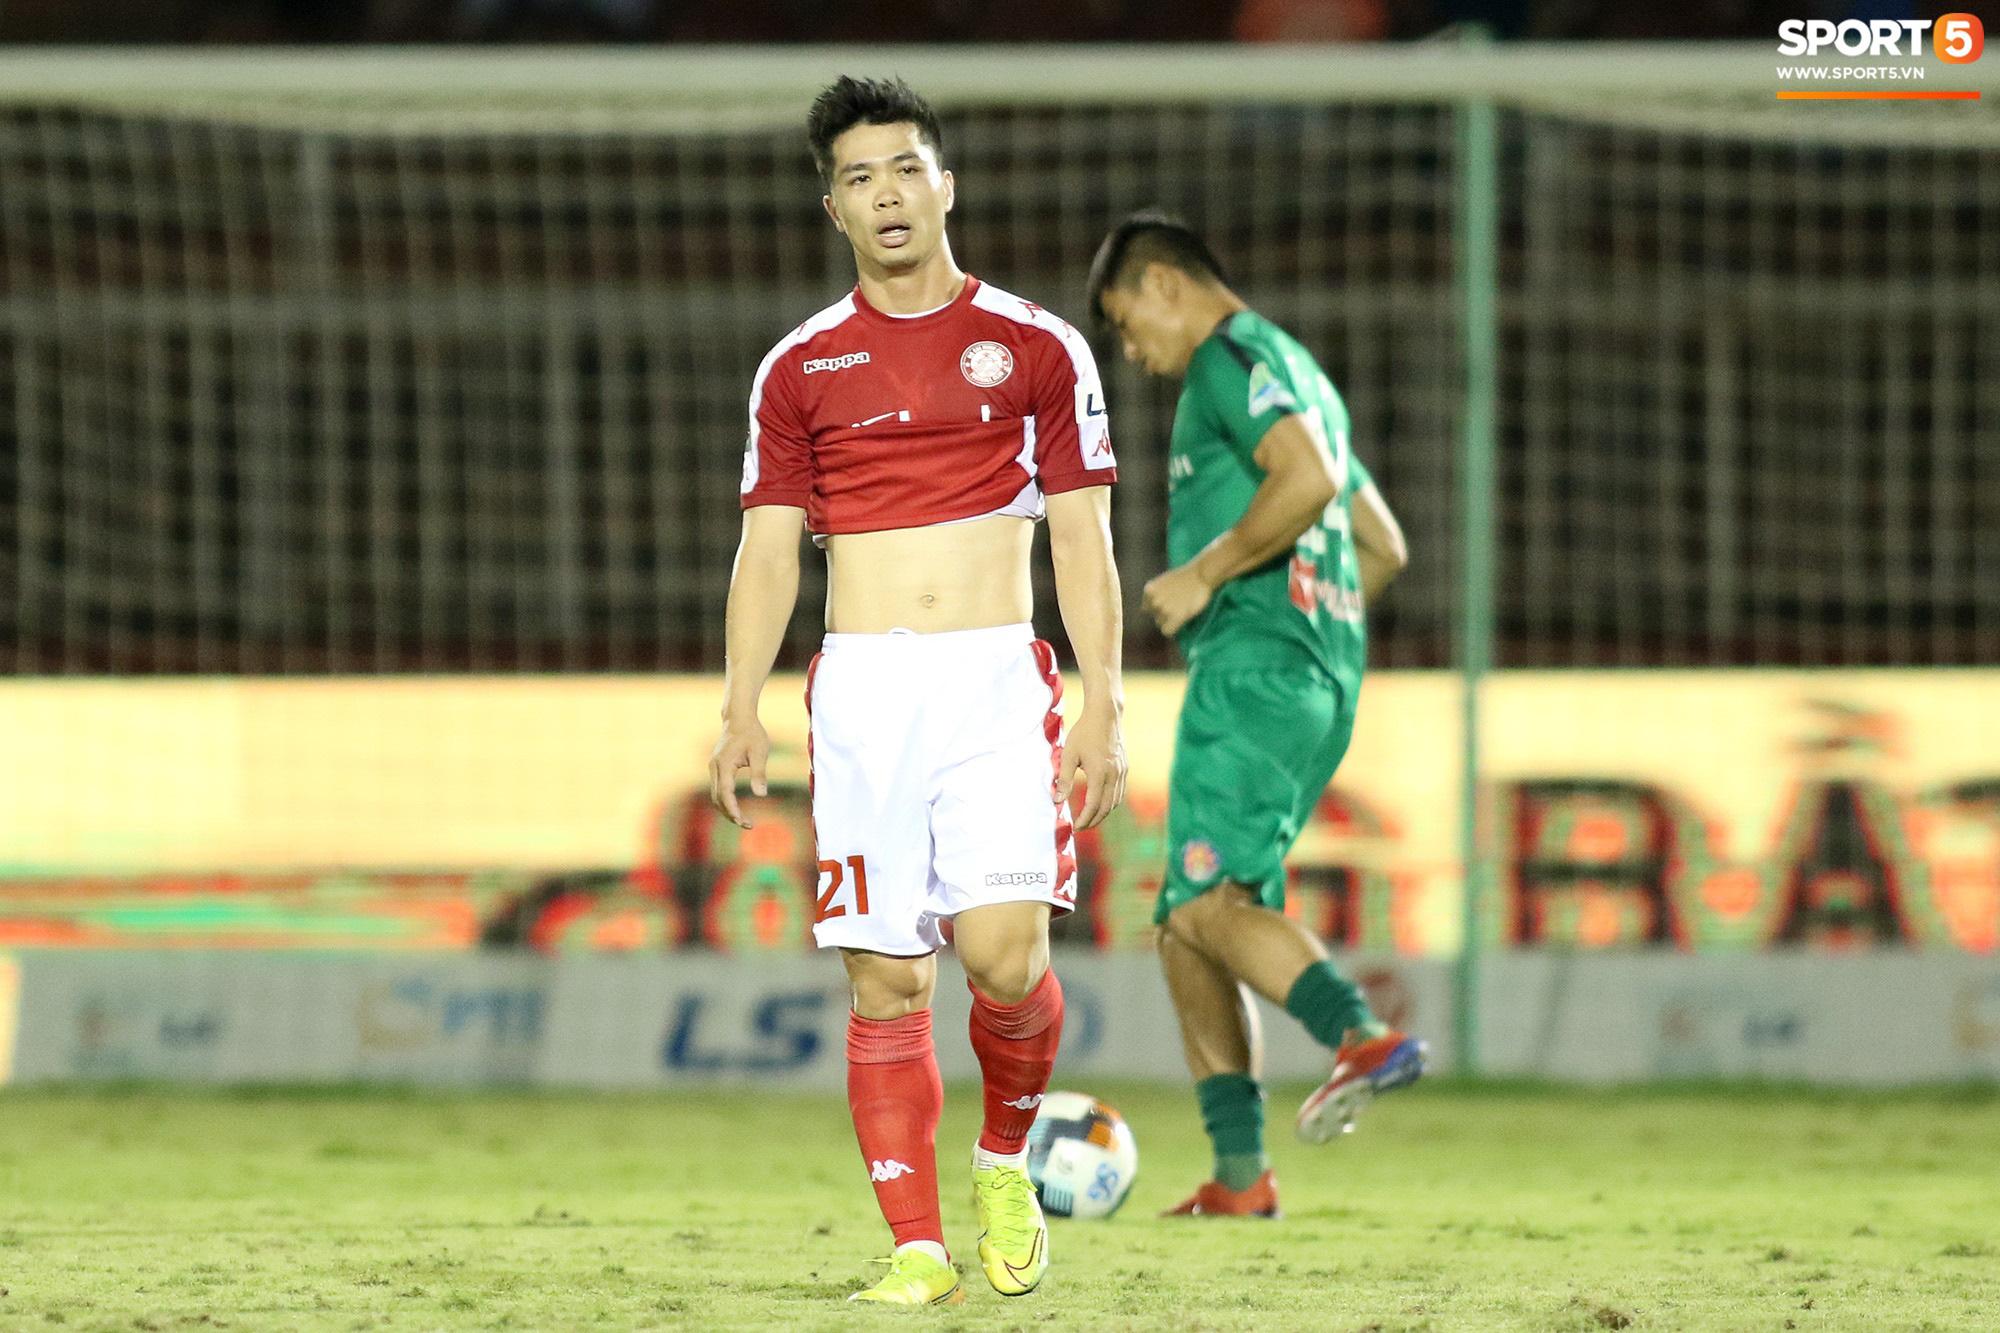 Công Phượng không thể đối đầu Văn Toàn tại V.League bởi điều khoản đặc biệt khi thi đấu cho CLB TP.HCM - Ảnh 1.